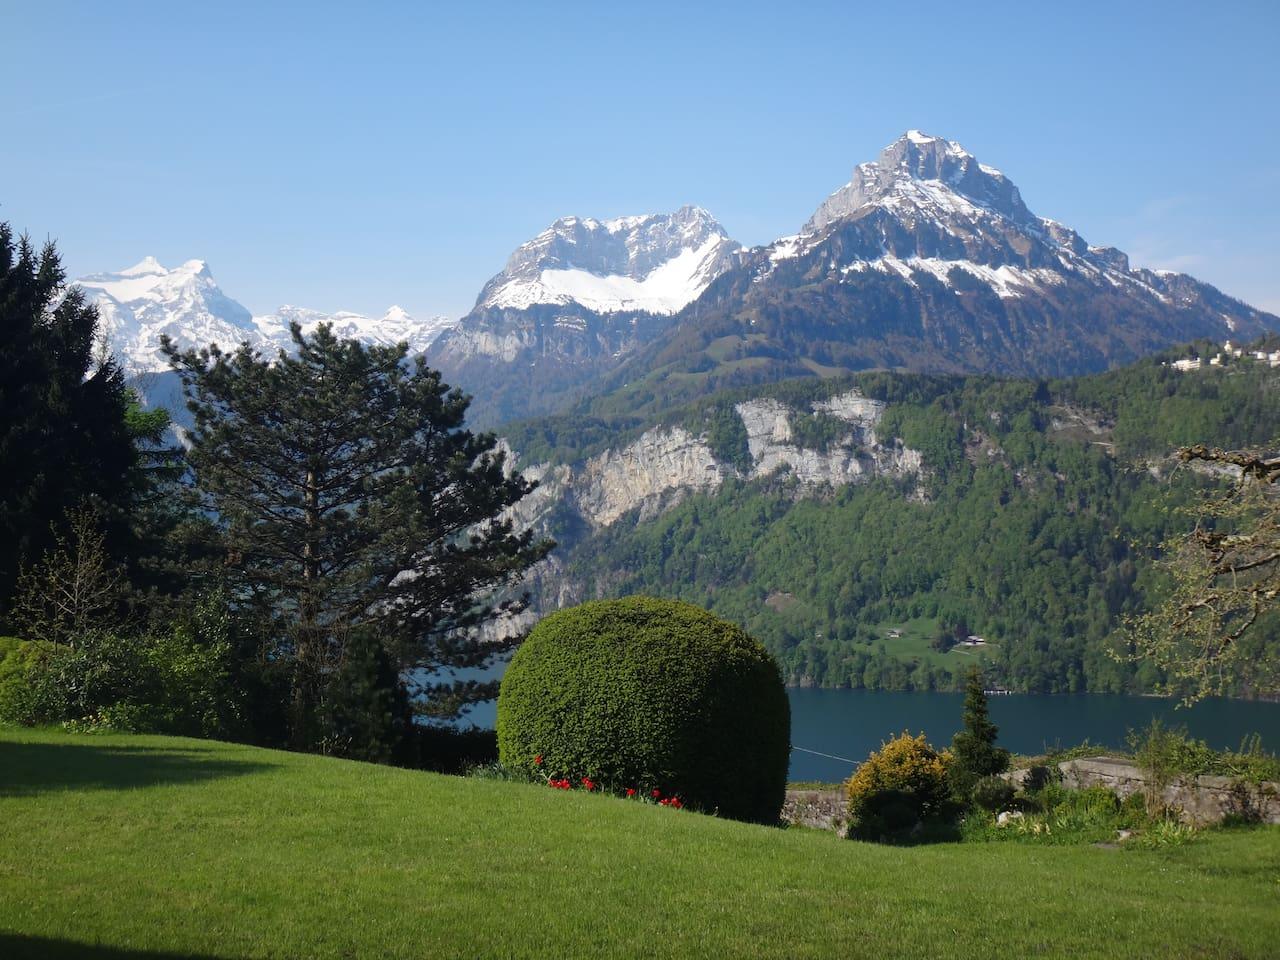 Blick auf den Hausgarten, See und Berge